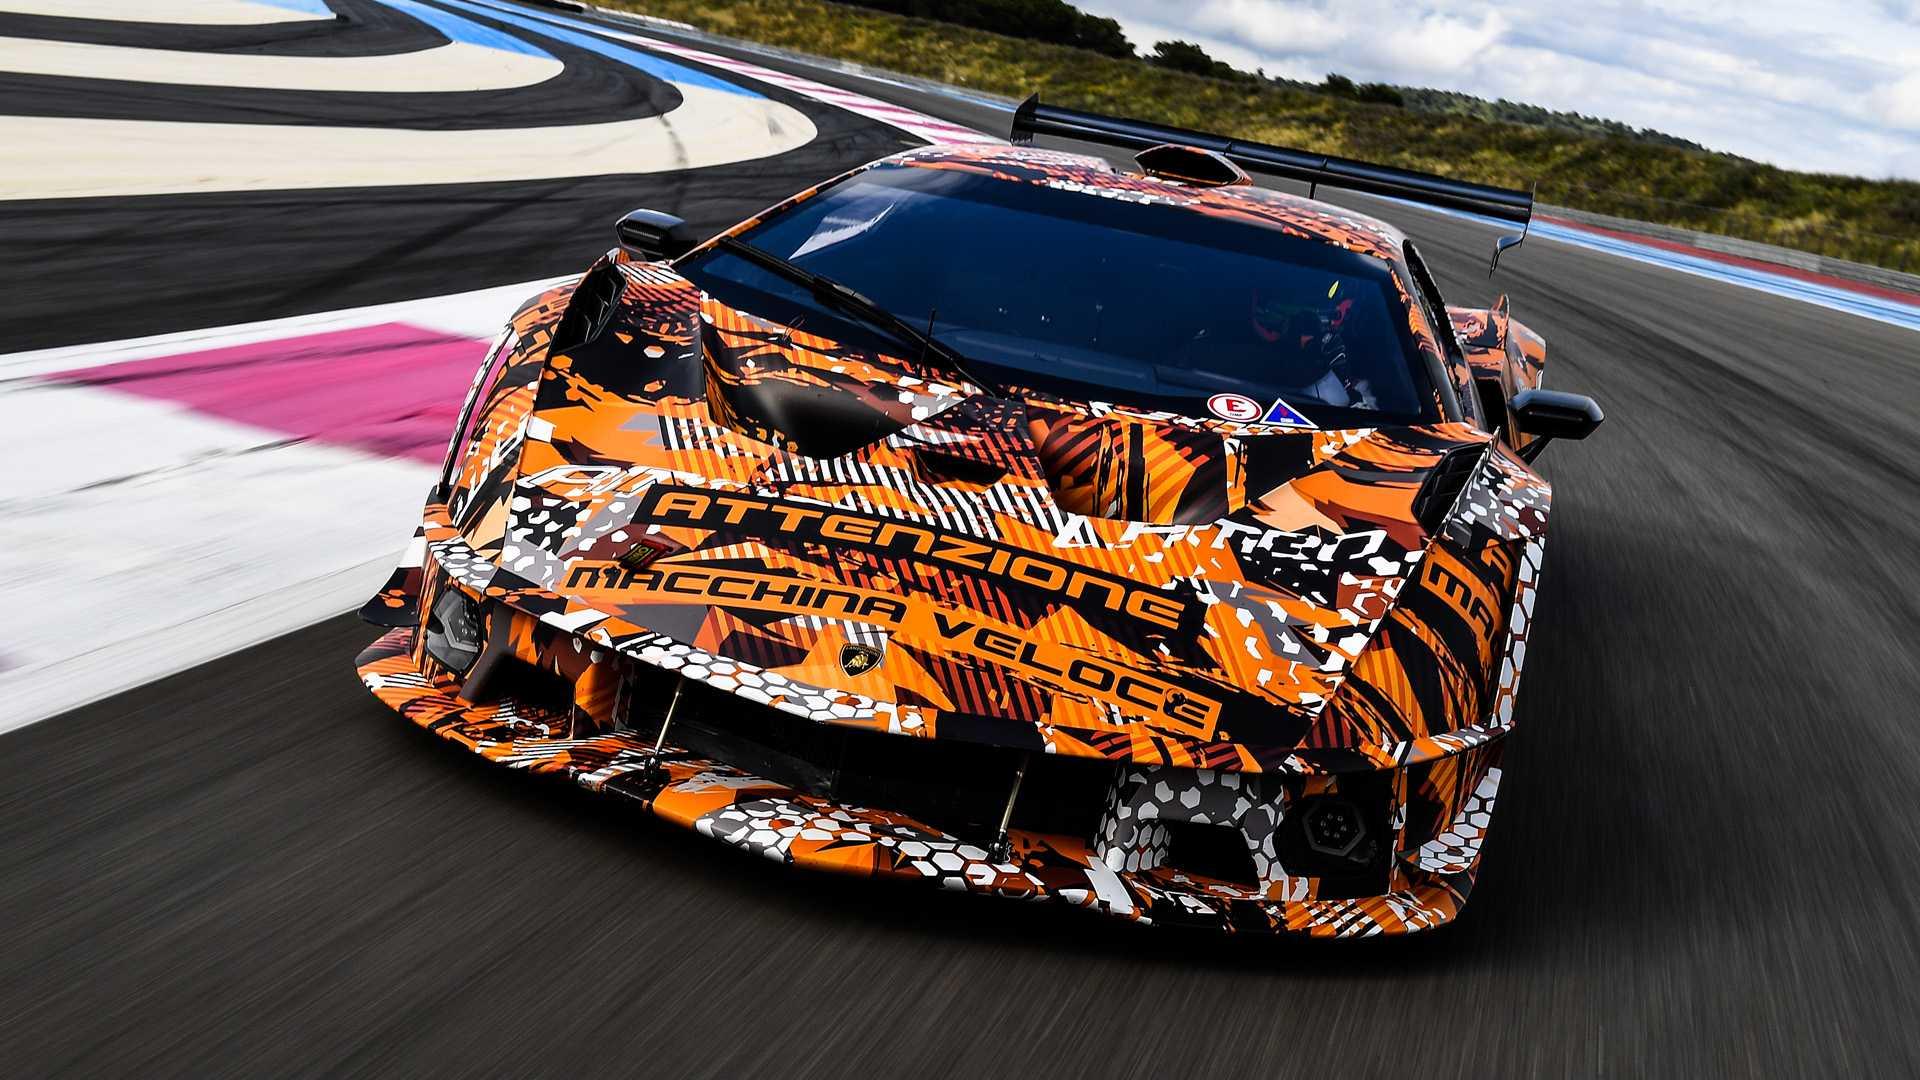 Опубликовано первое фото нового суперкара Lamborghini